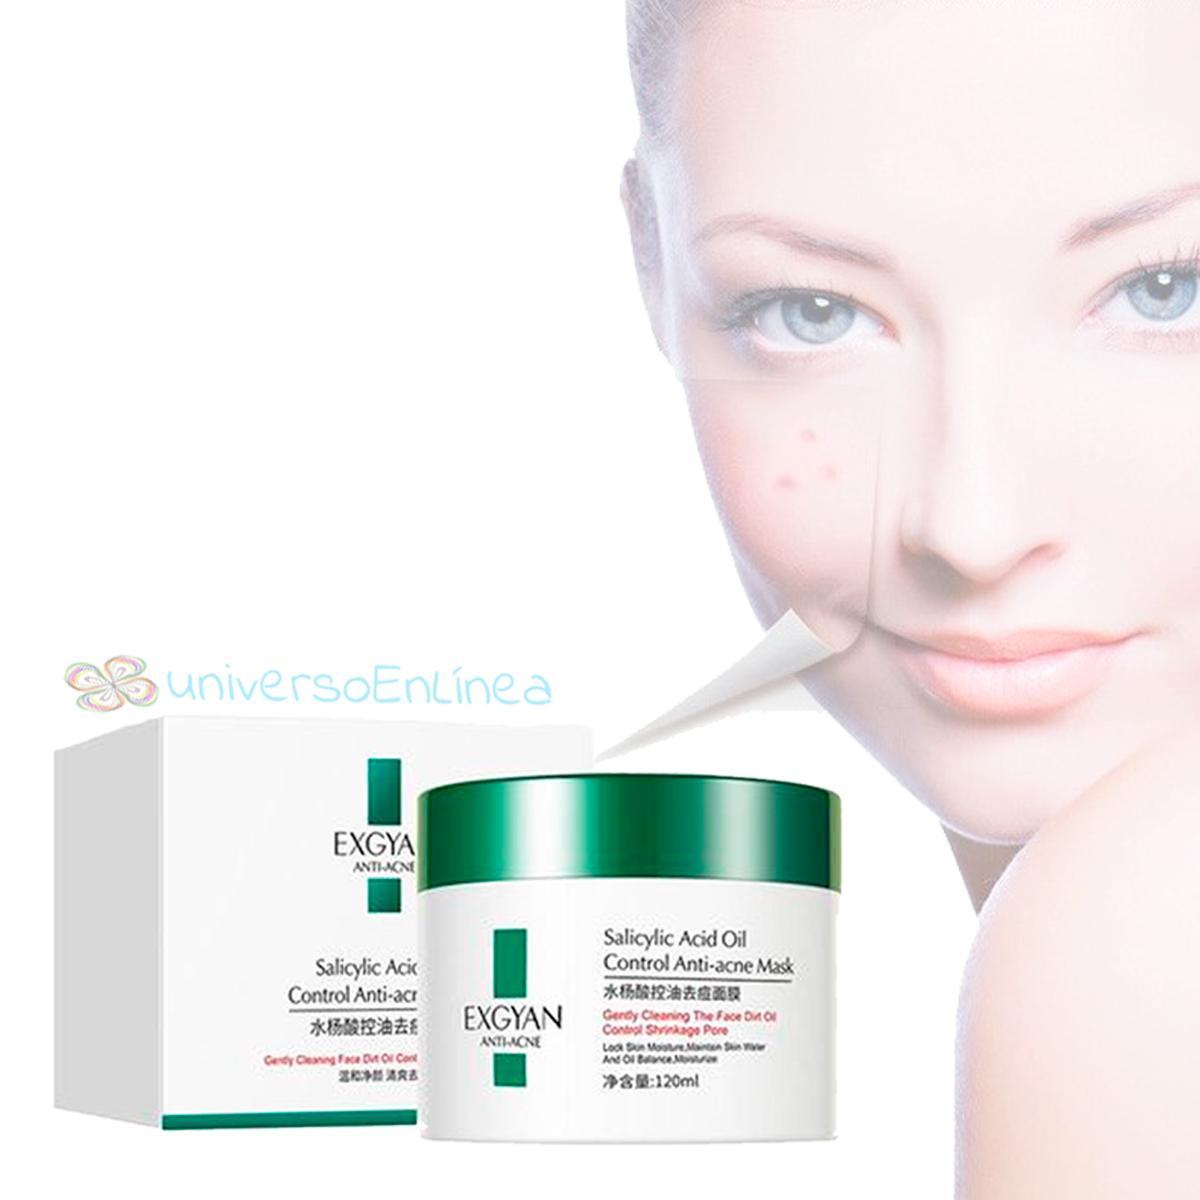 Crema Exgyan Anti-acne Para Cuidado Facial Y Exfoliante